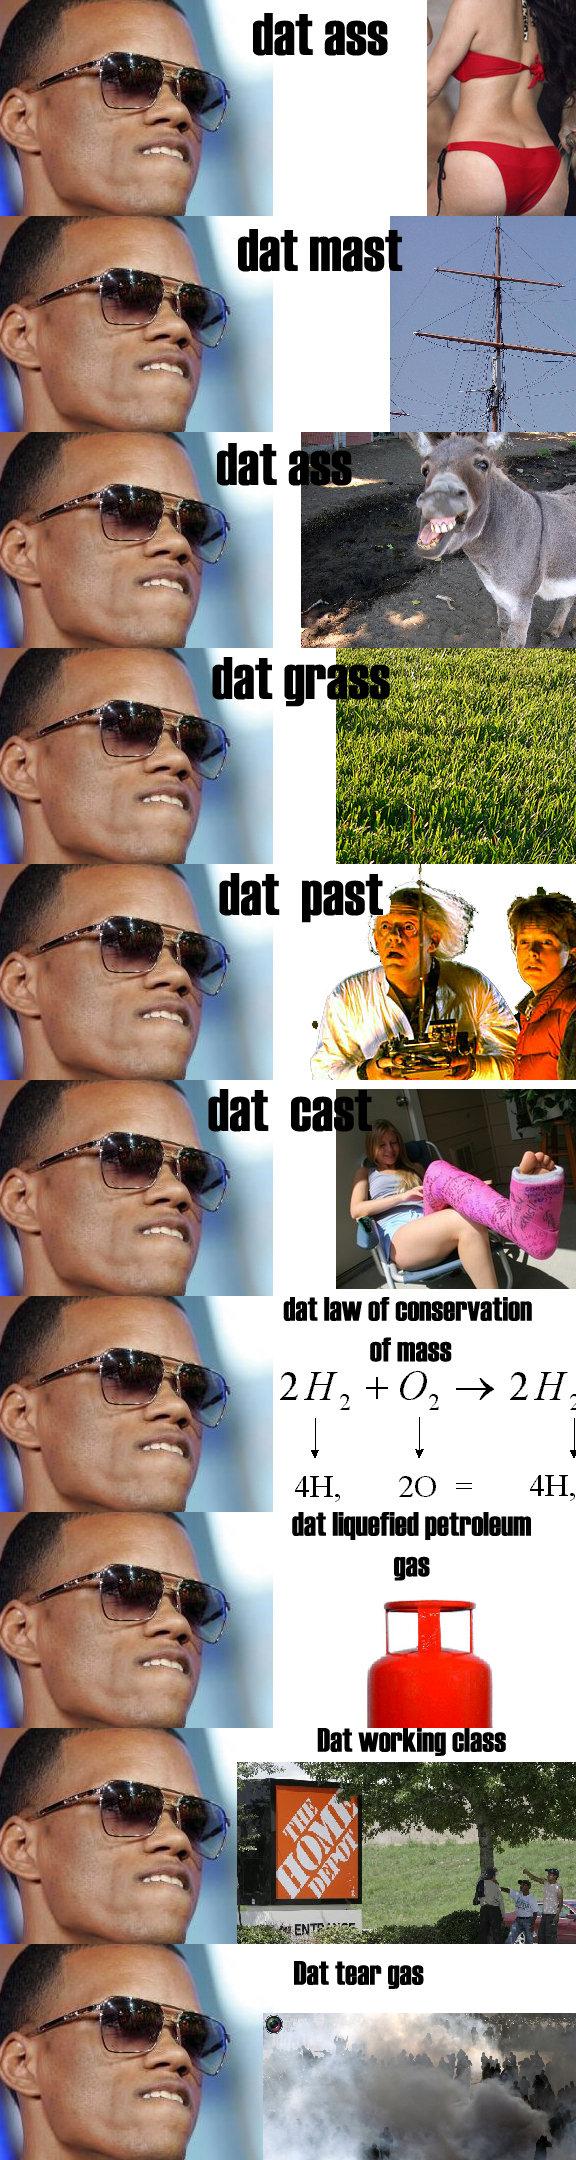 """Dat Ass. mmmmmdowant. flat law Bf an tdl/ aall """" Itll! -""""lla taito. DAT BATH mmmmm"""